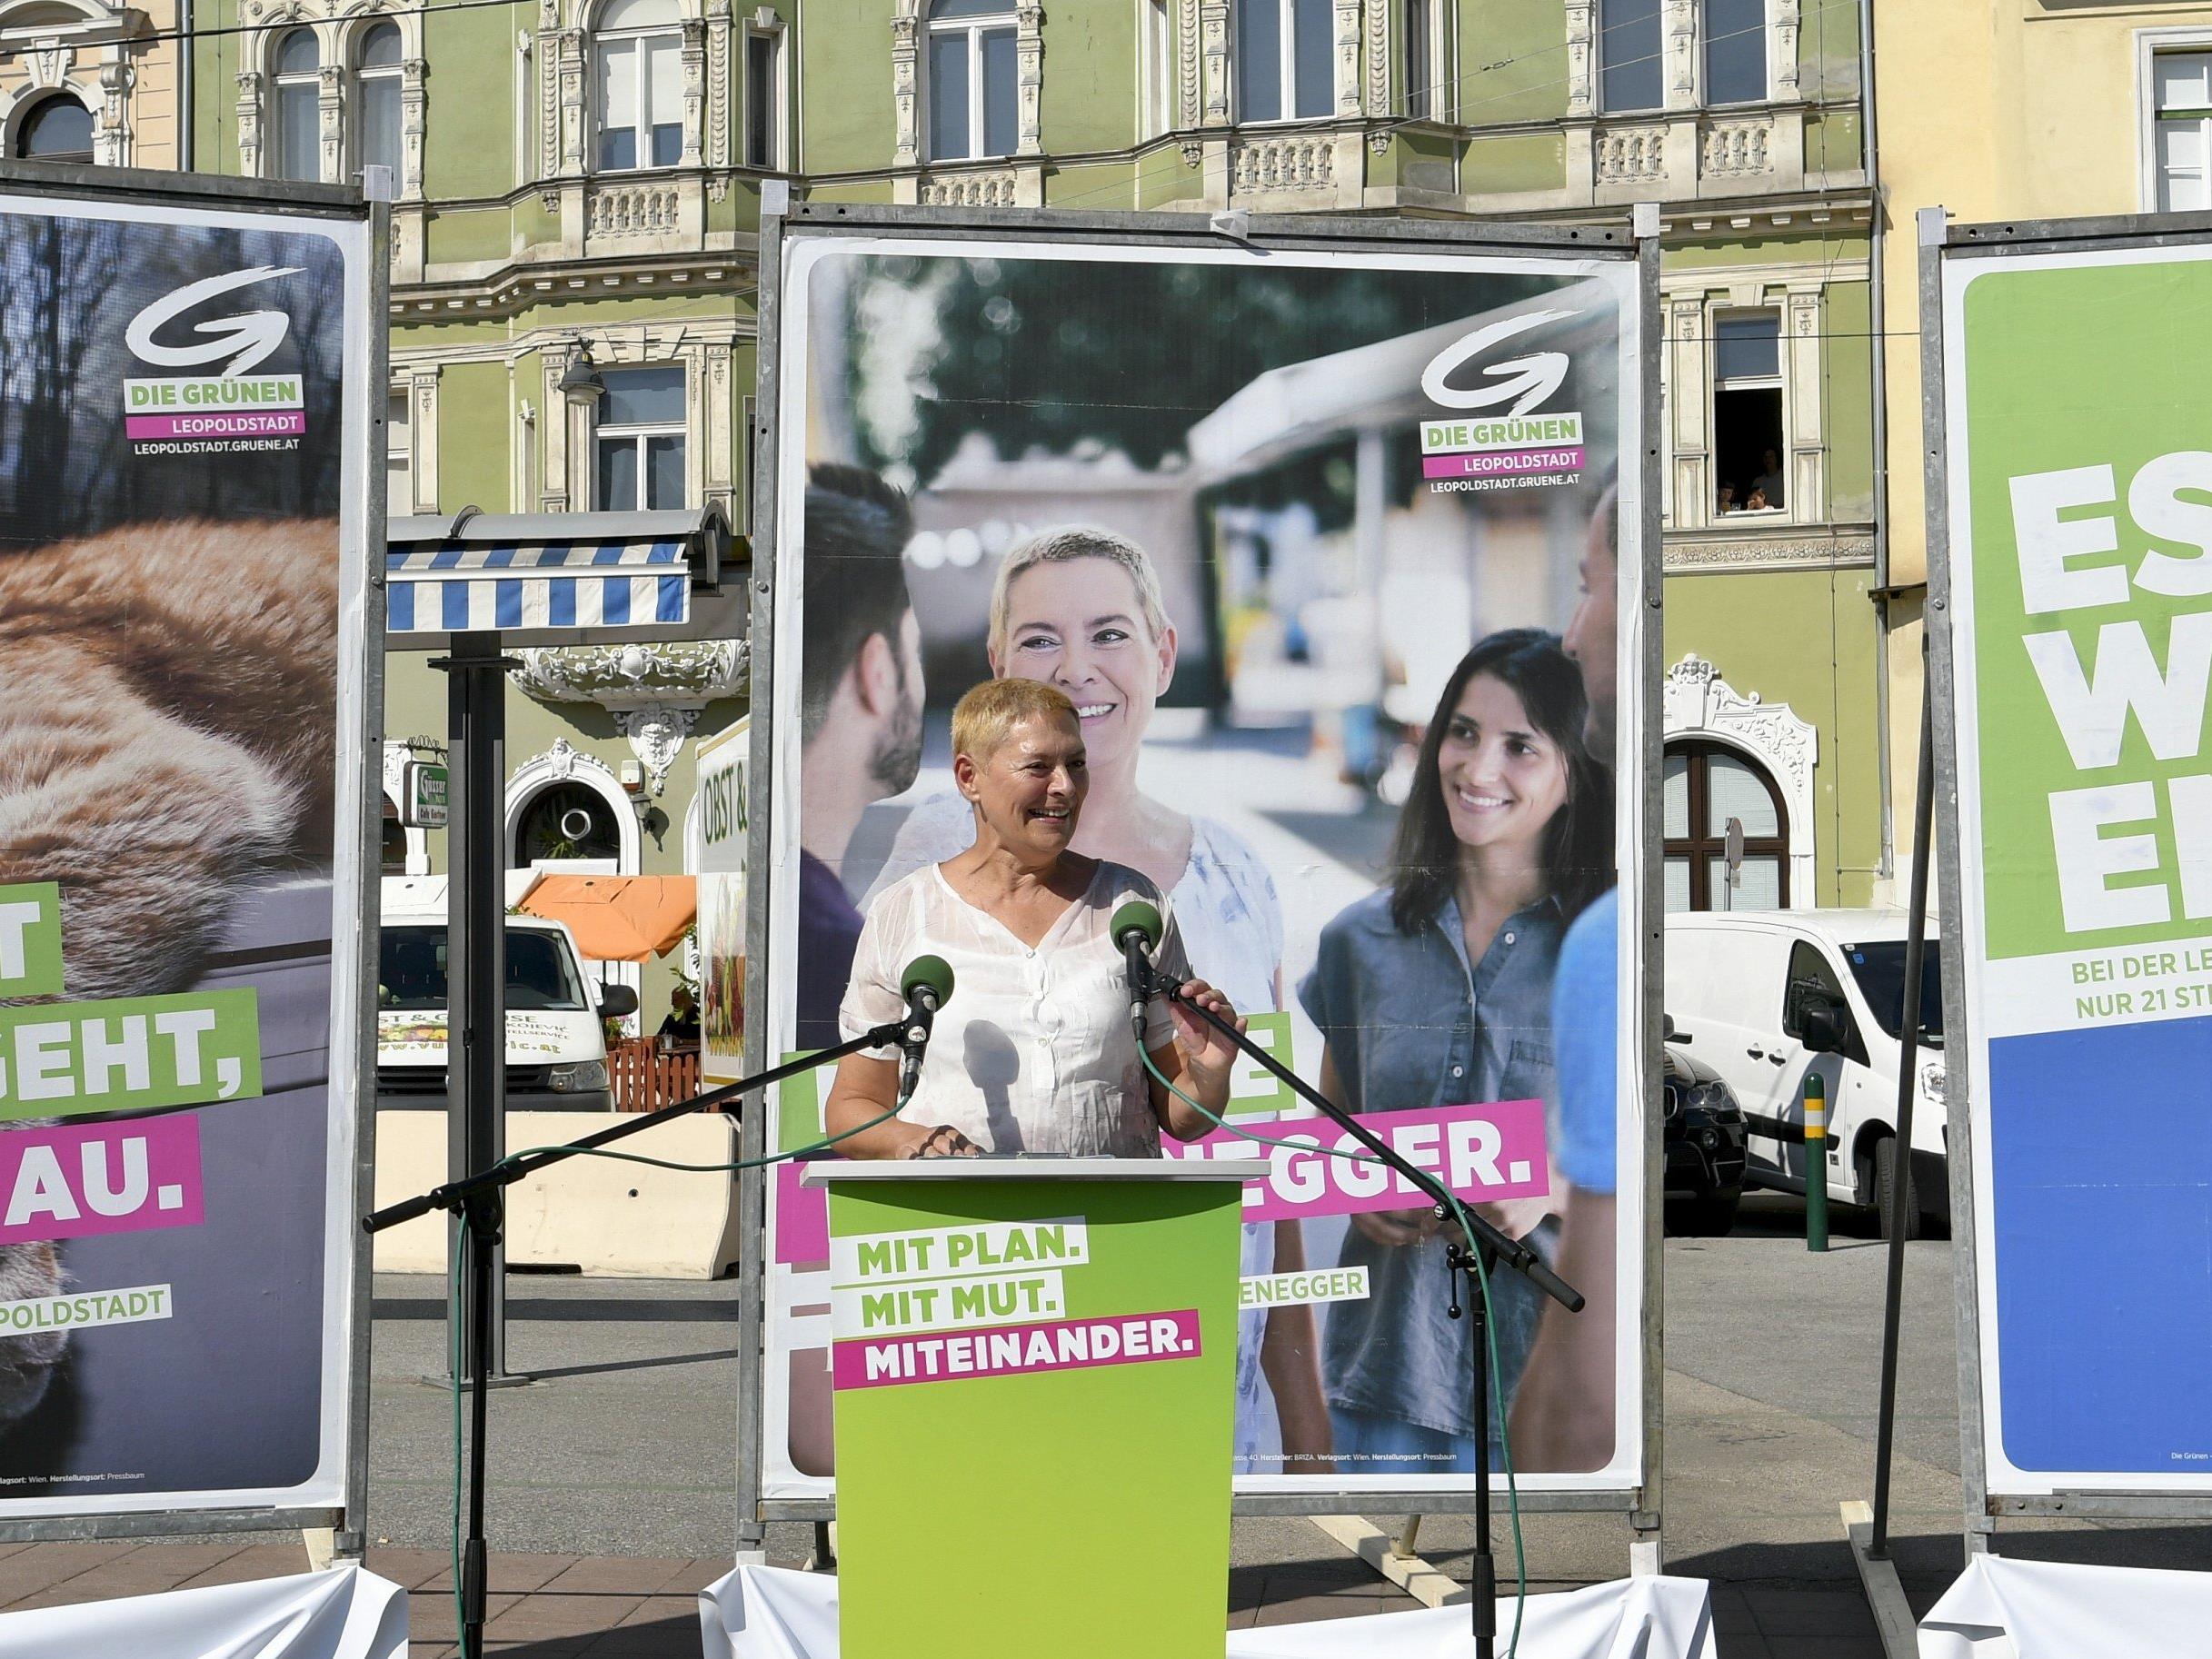 Die Grünen eröffnen den Wahlkampf in der Leopoldstadt